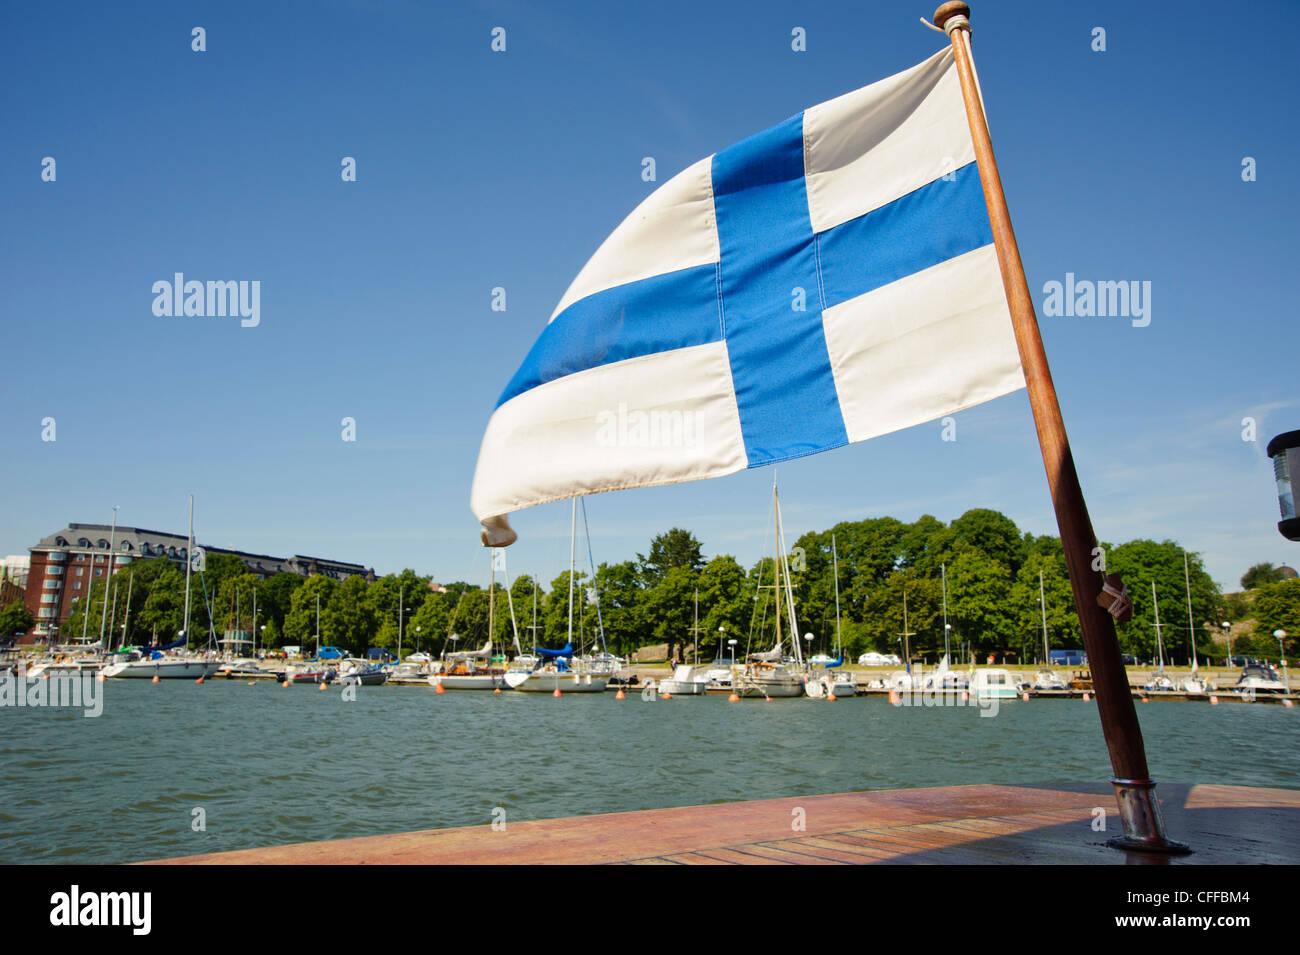 Die Finnische Flagge fliegt von einem Boot pendelt zwischen Unisaari und Merisatama Kai, Helsinki Finnland Stockfoto